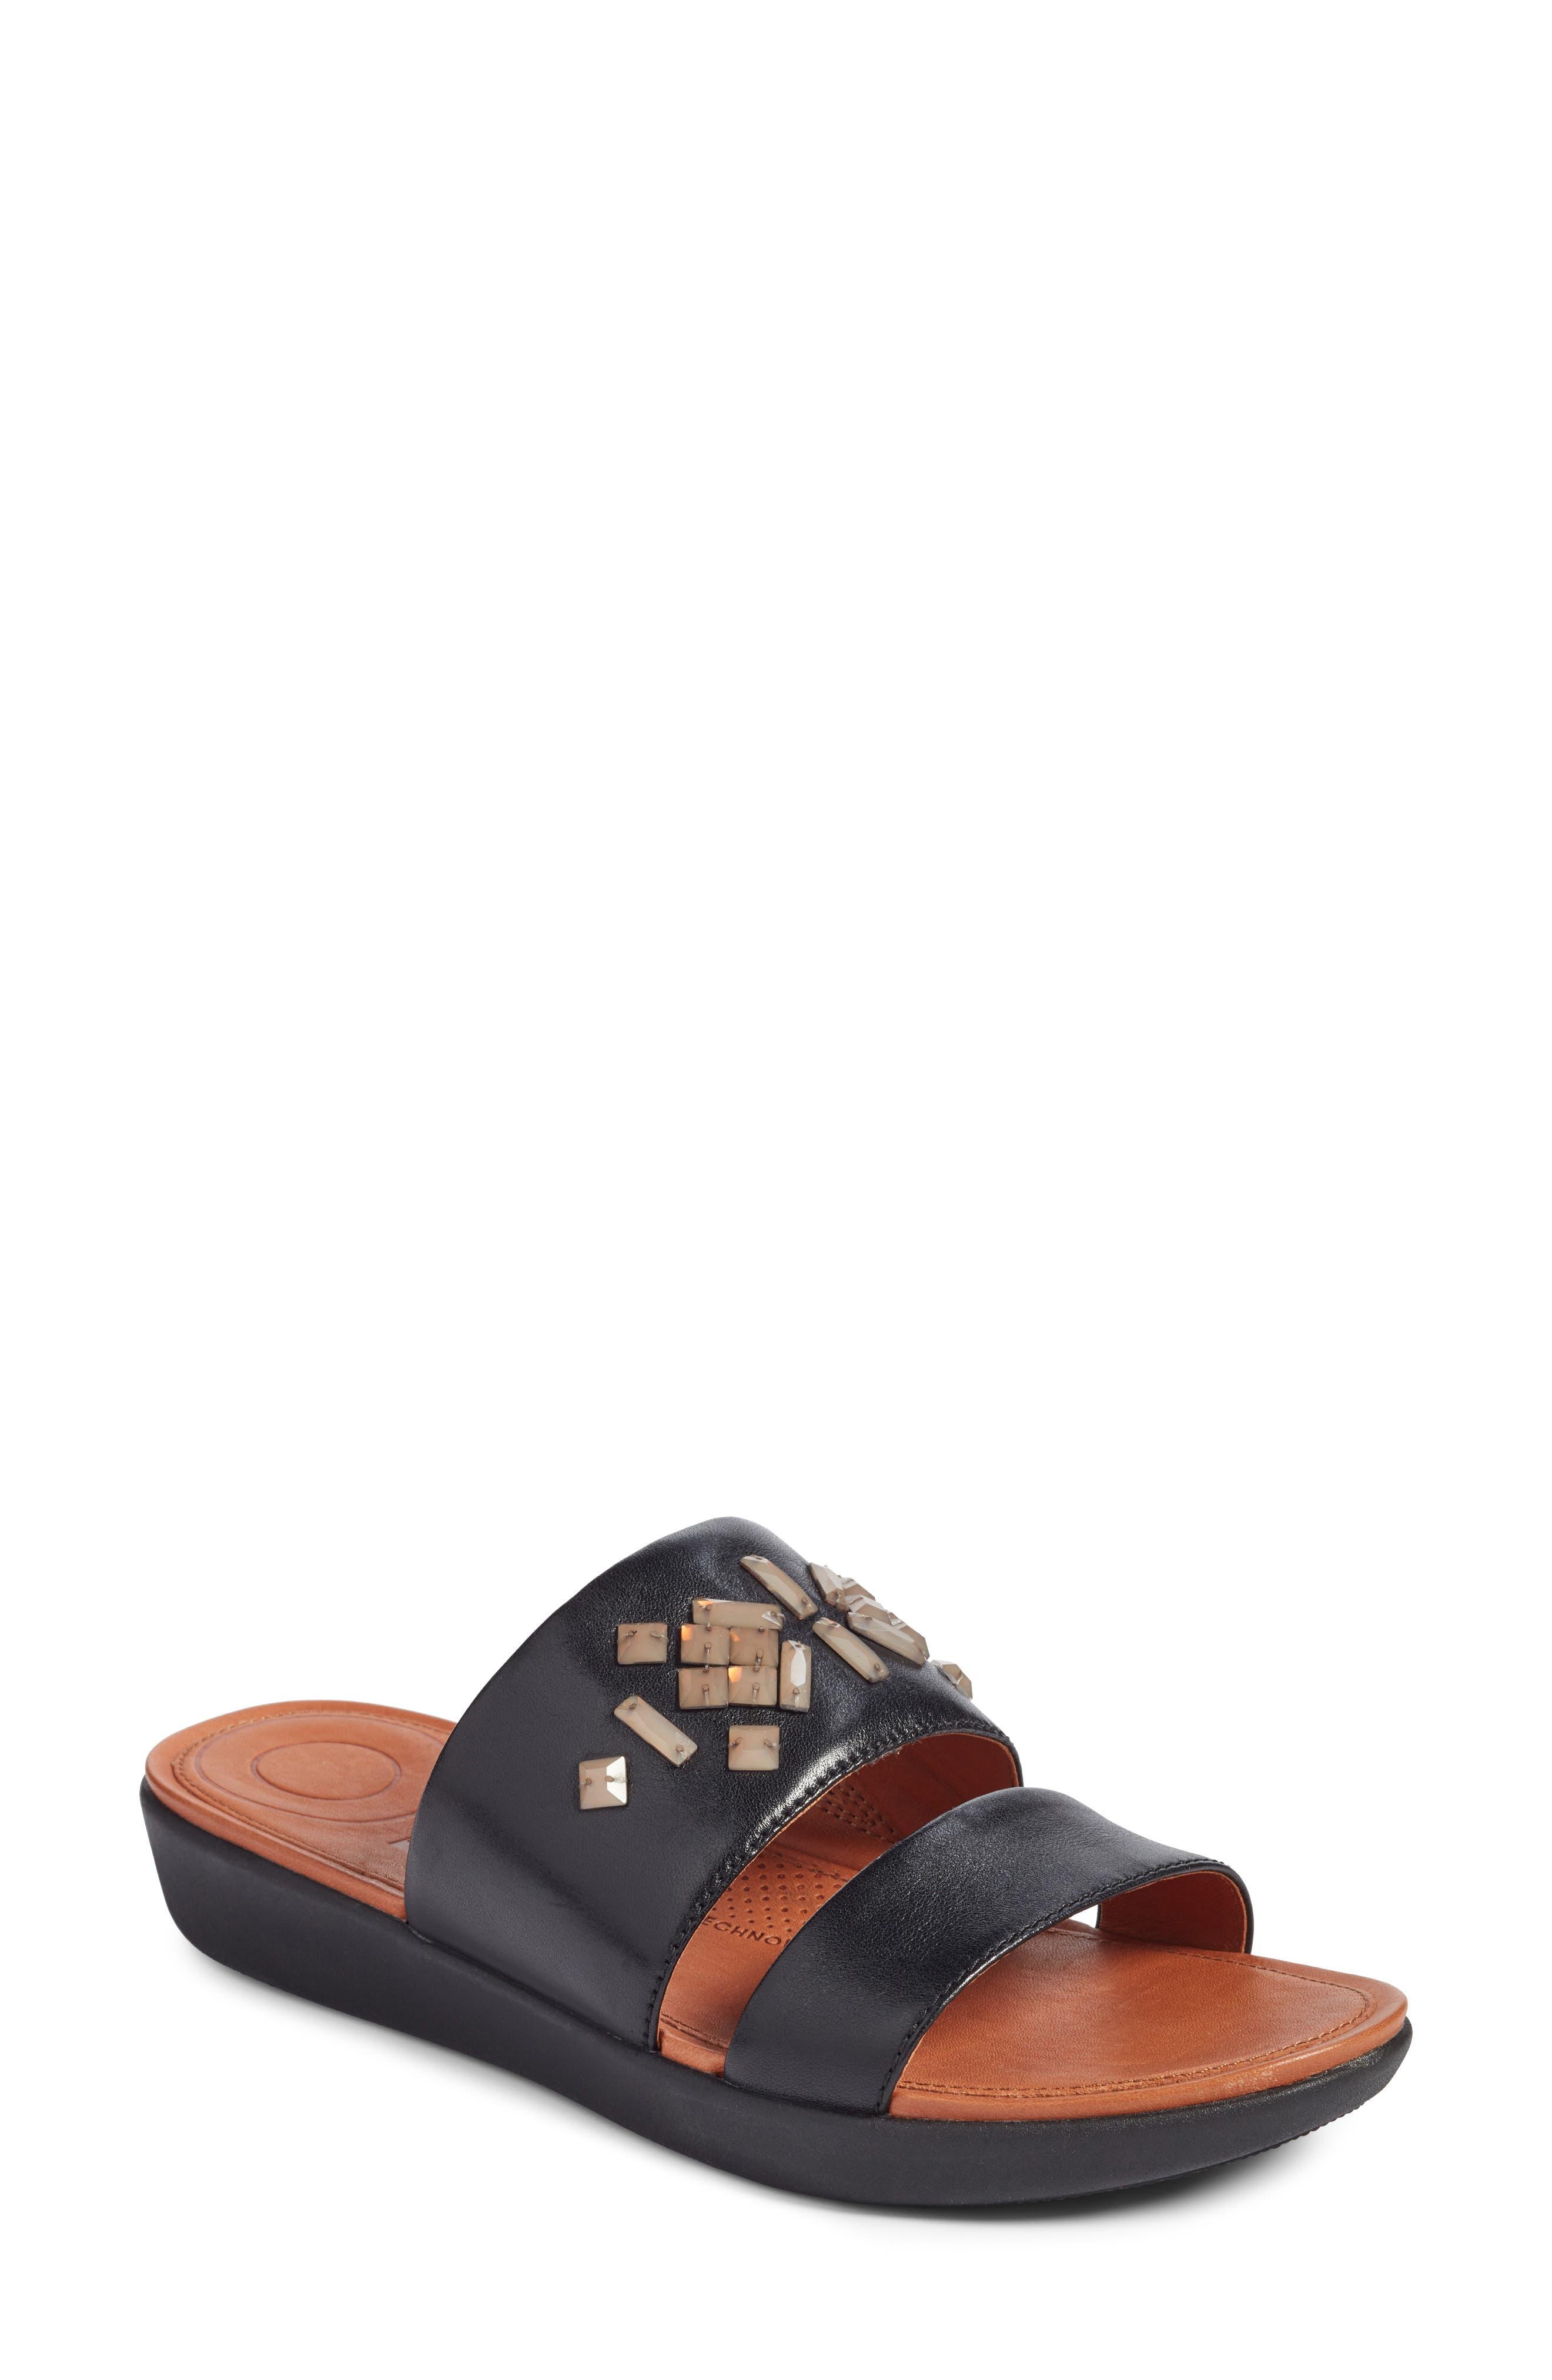 Delta Slide Sandal,                         Main,                         color, BLACK LEATHER